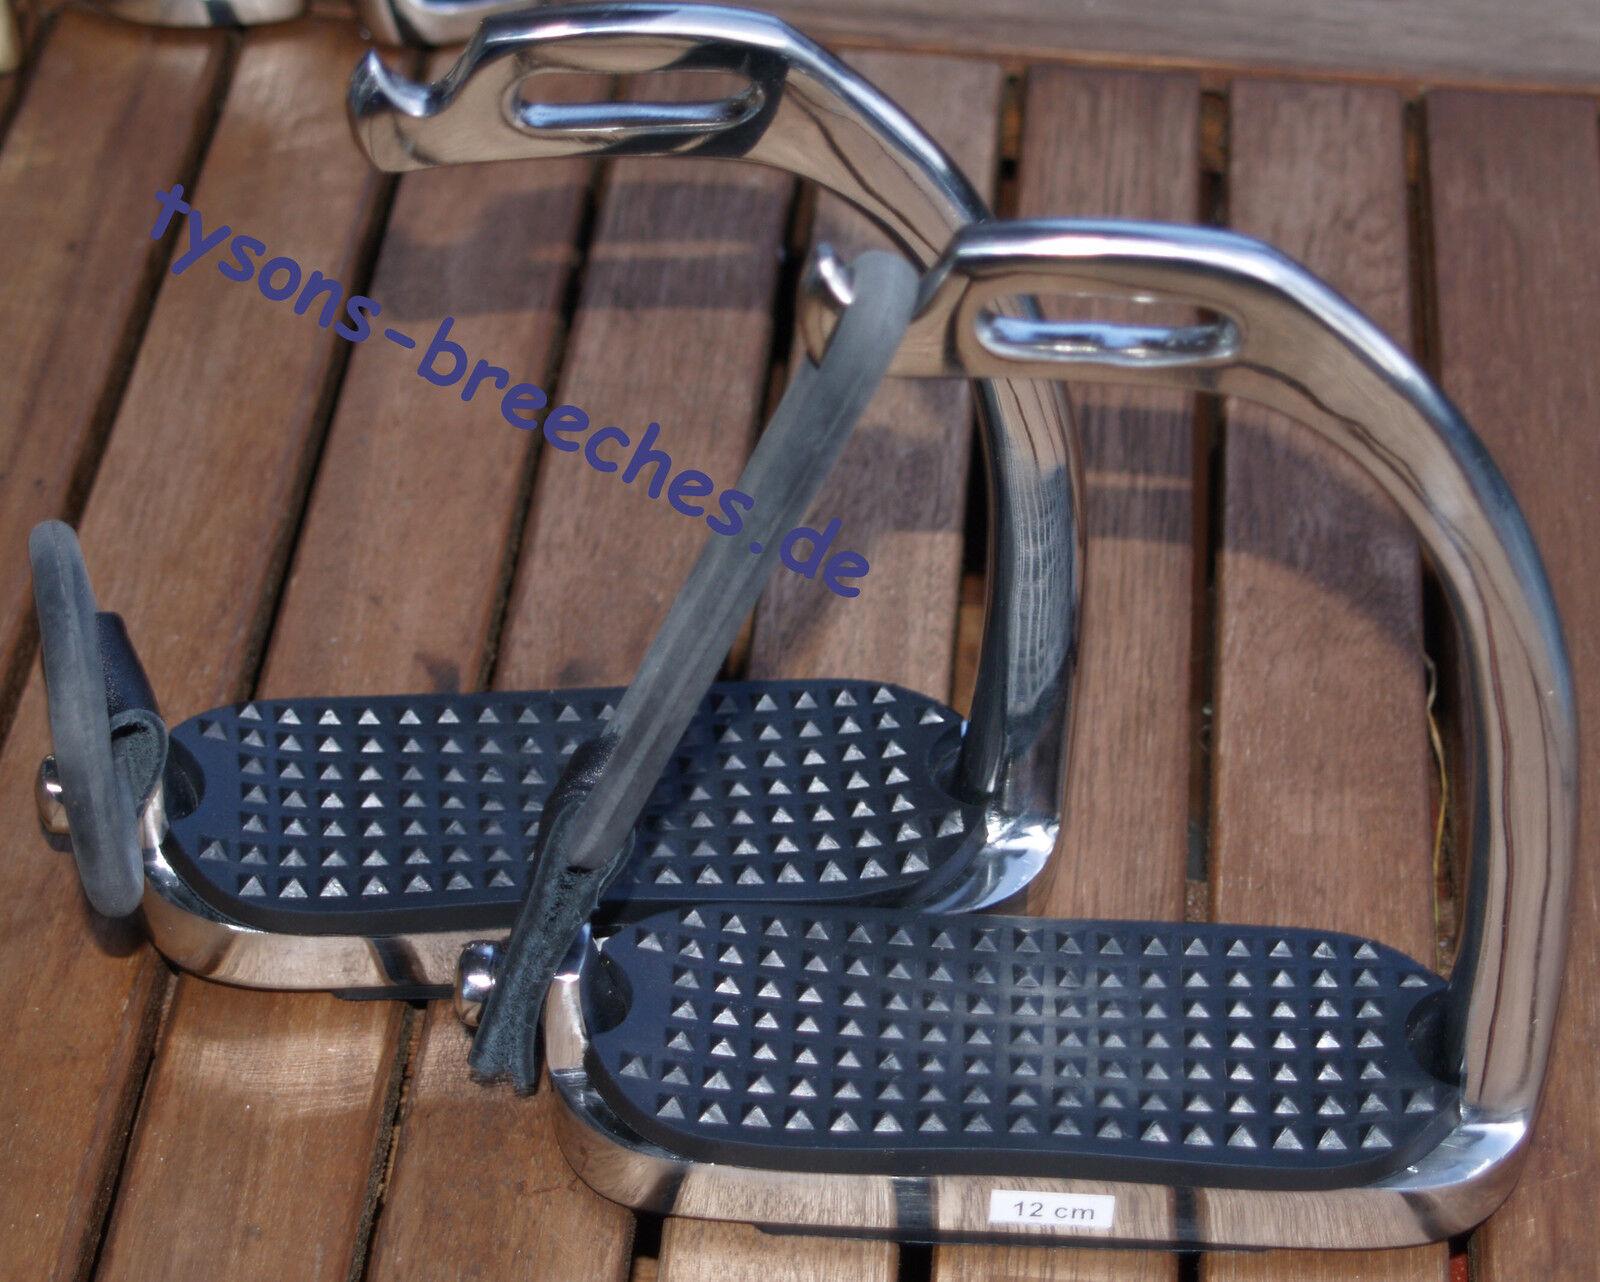 Sicherheitssteigbügel Gummi Steigbügel Rostfrei 12 cm Schlupfbügel Gummibügel